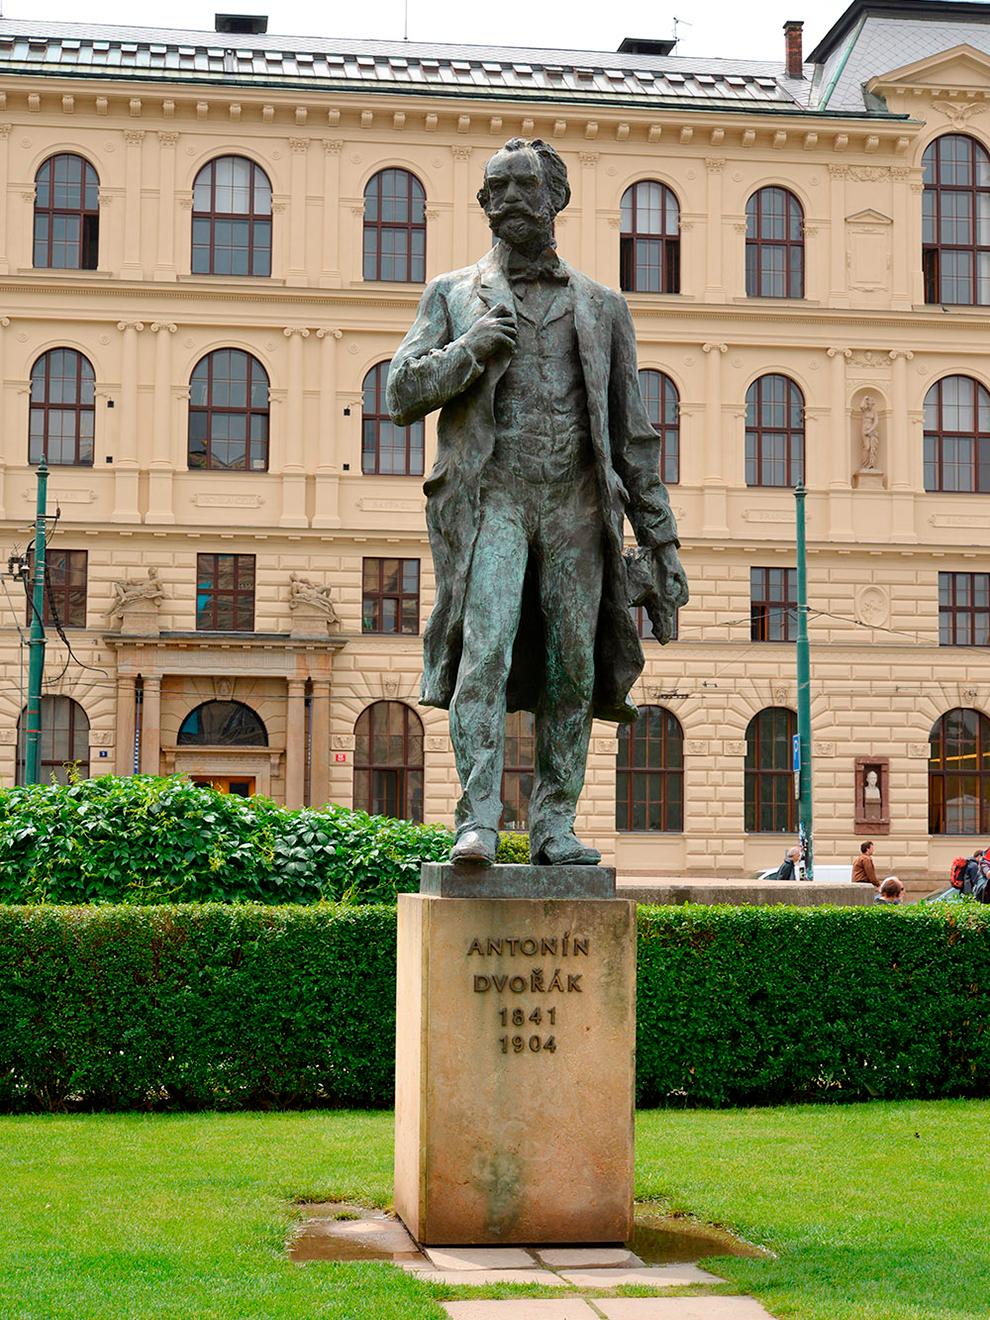 У памятника чешскому композитору Антонину Дворжаку назначают встречи и свидания. Источник:Shutterstock